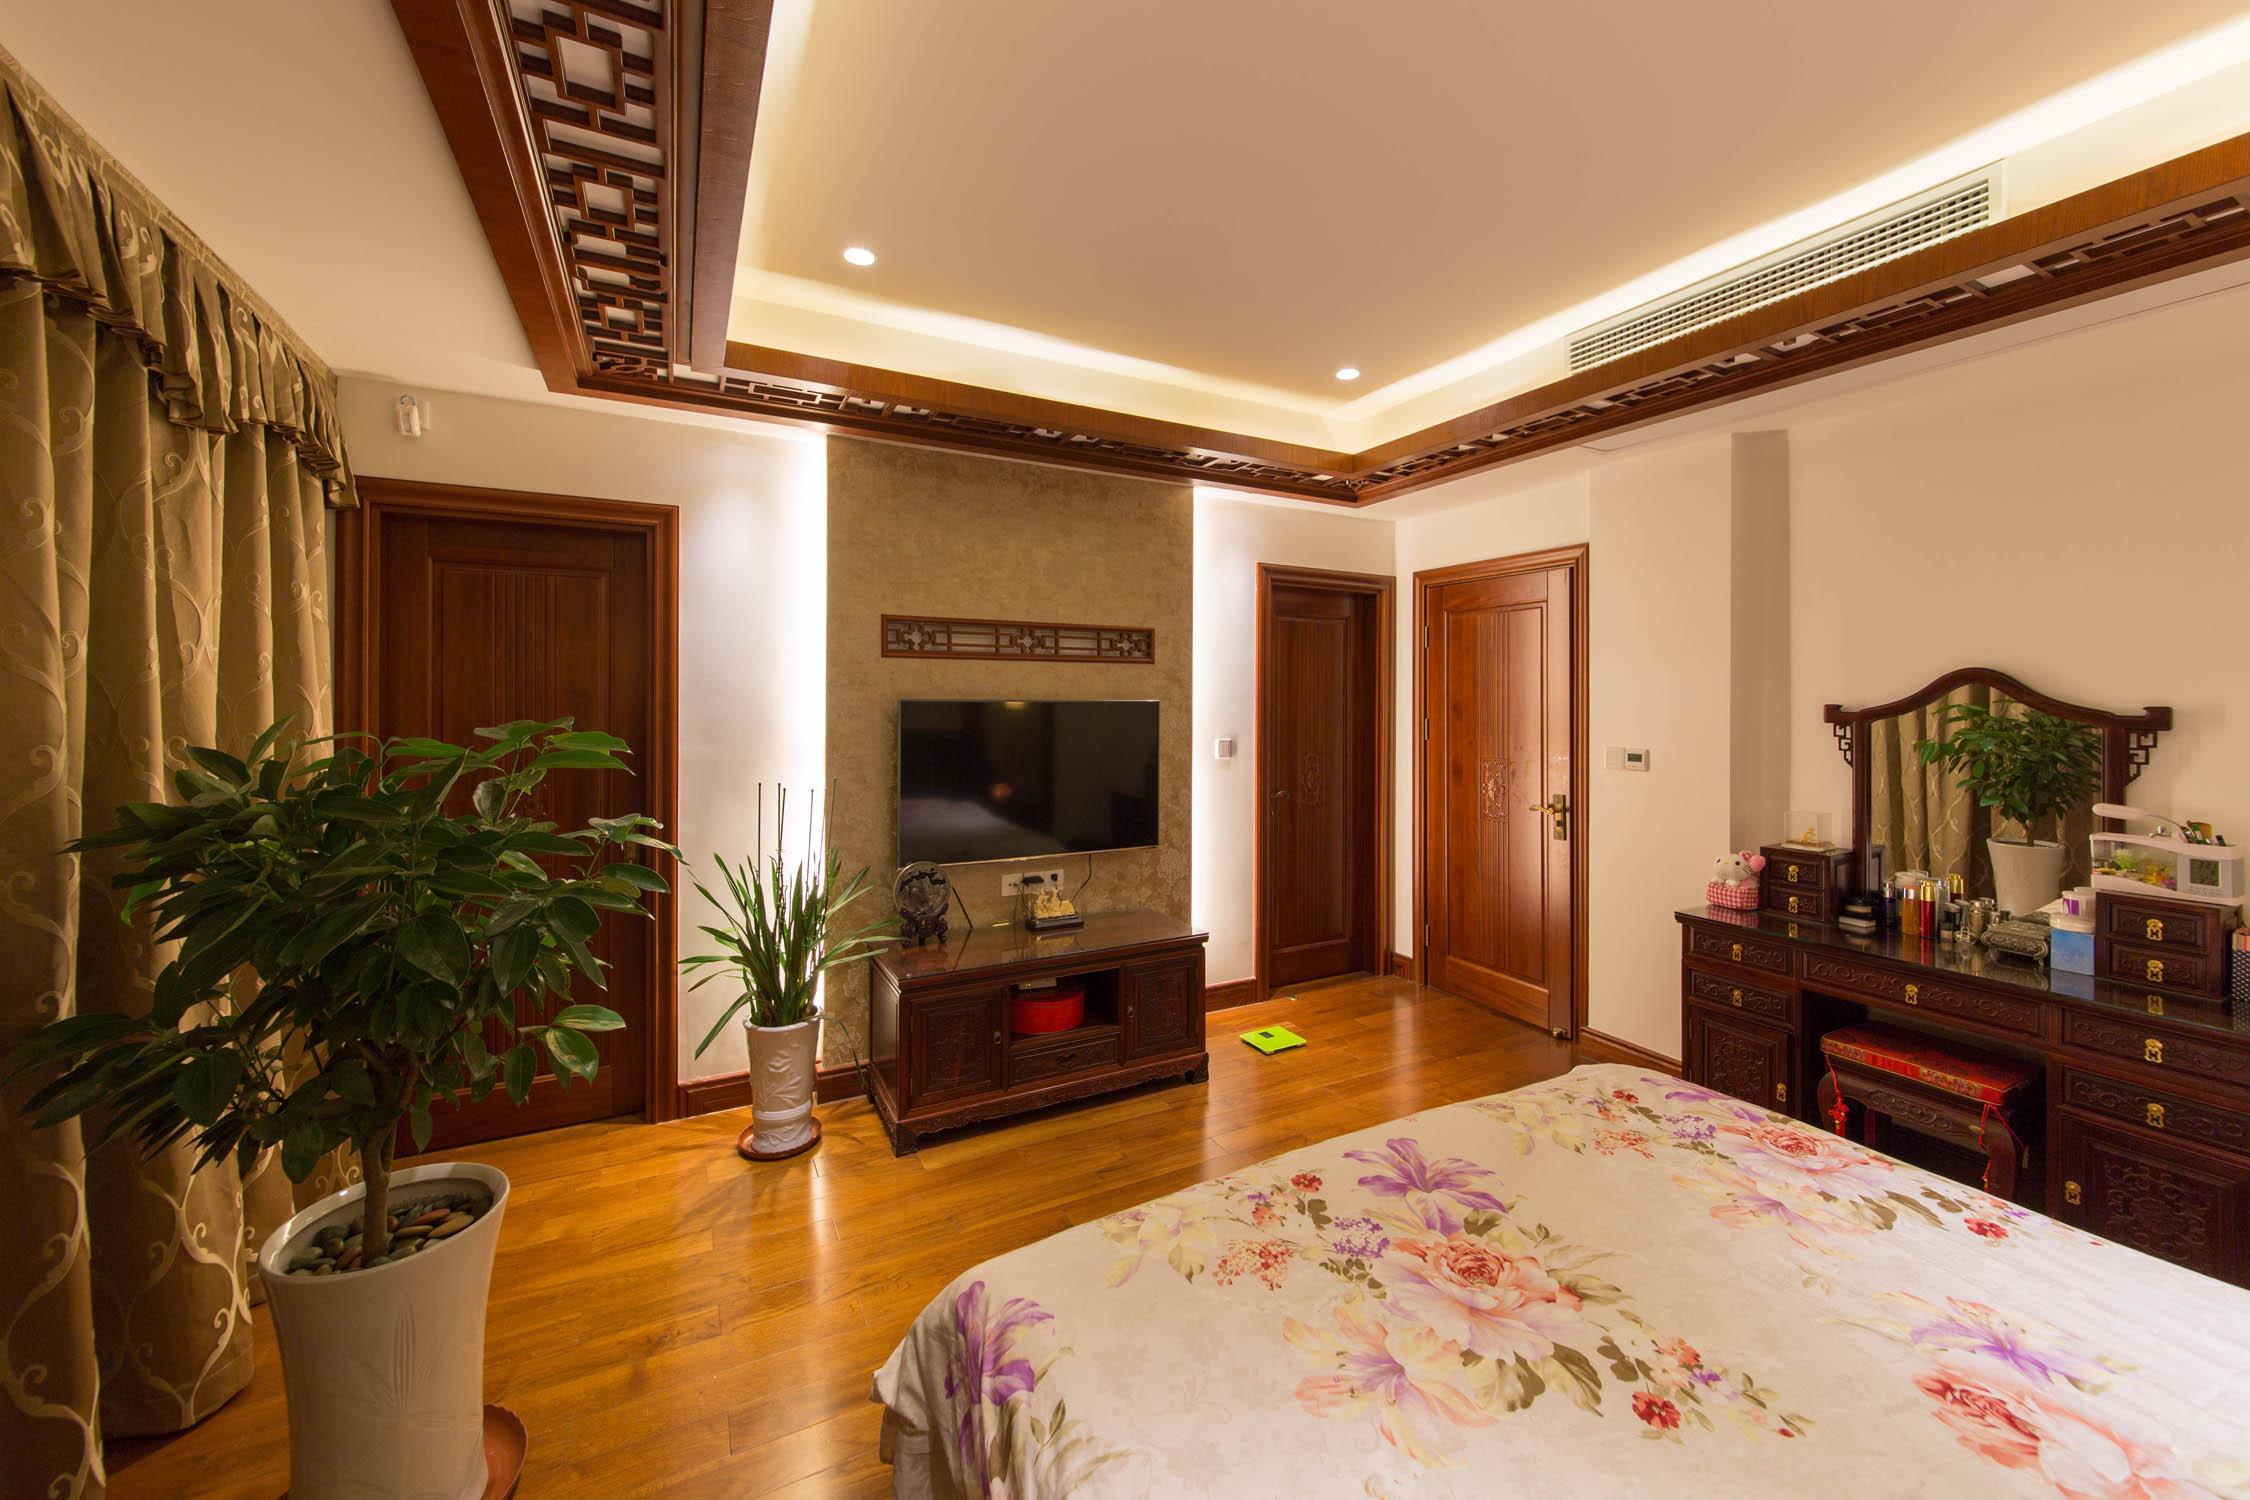 中式别墅装修卧室吊顶